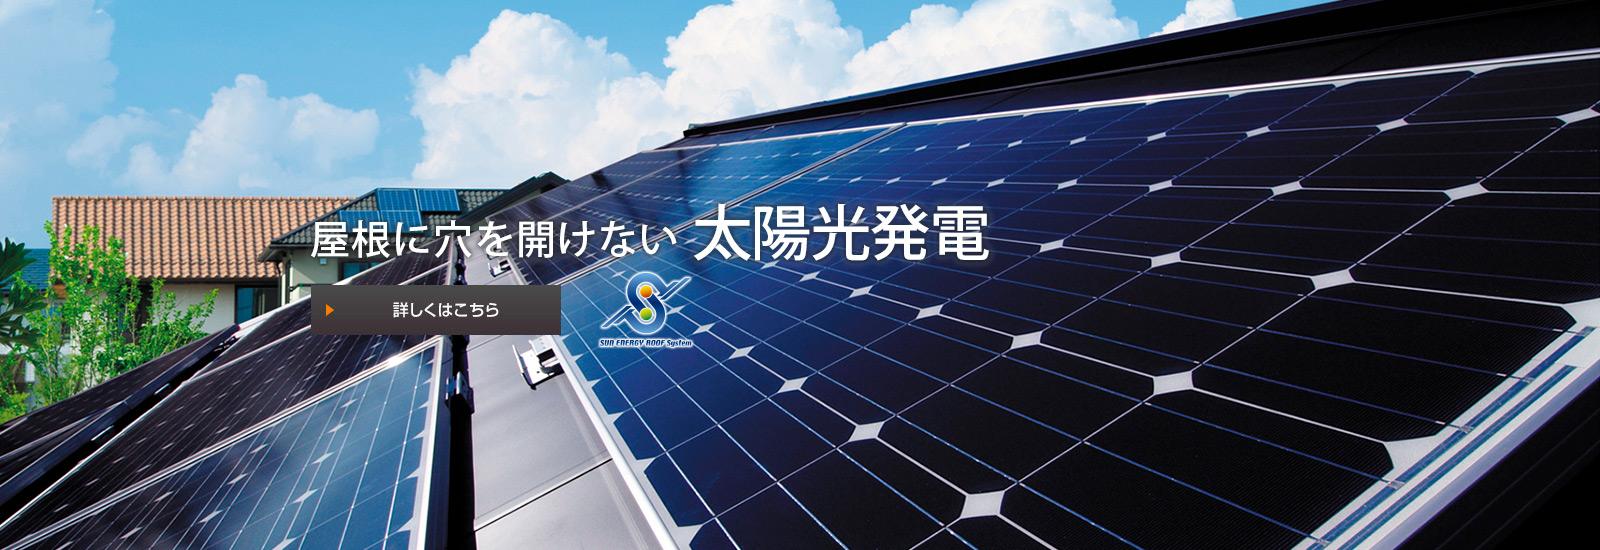 防水のプロだから安心の10年保証 太陽光発電